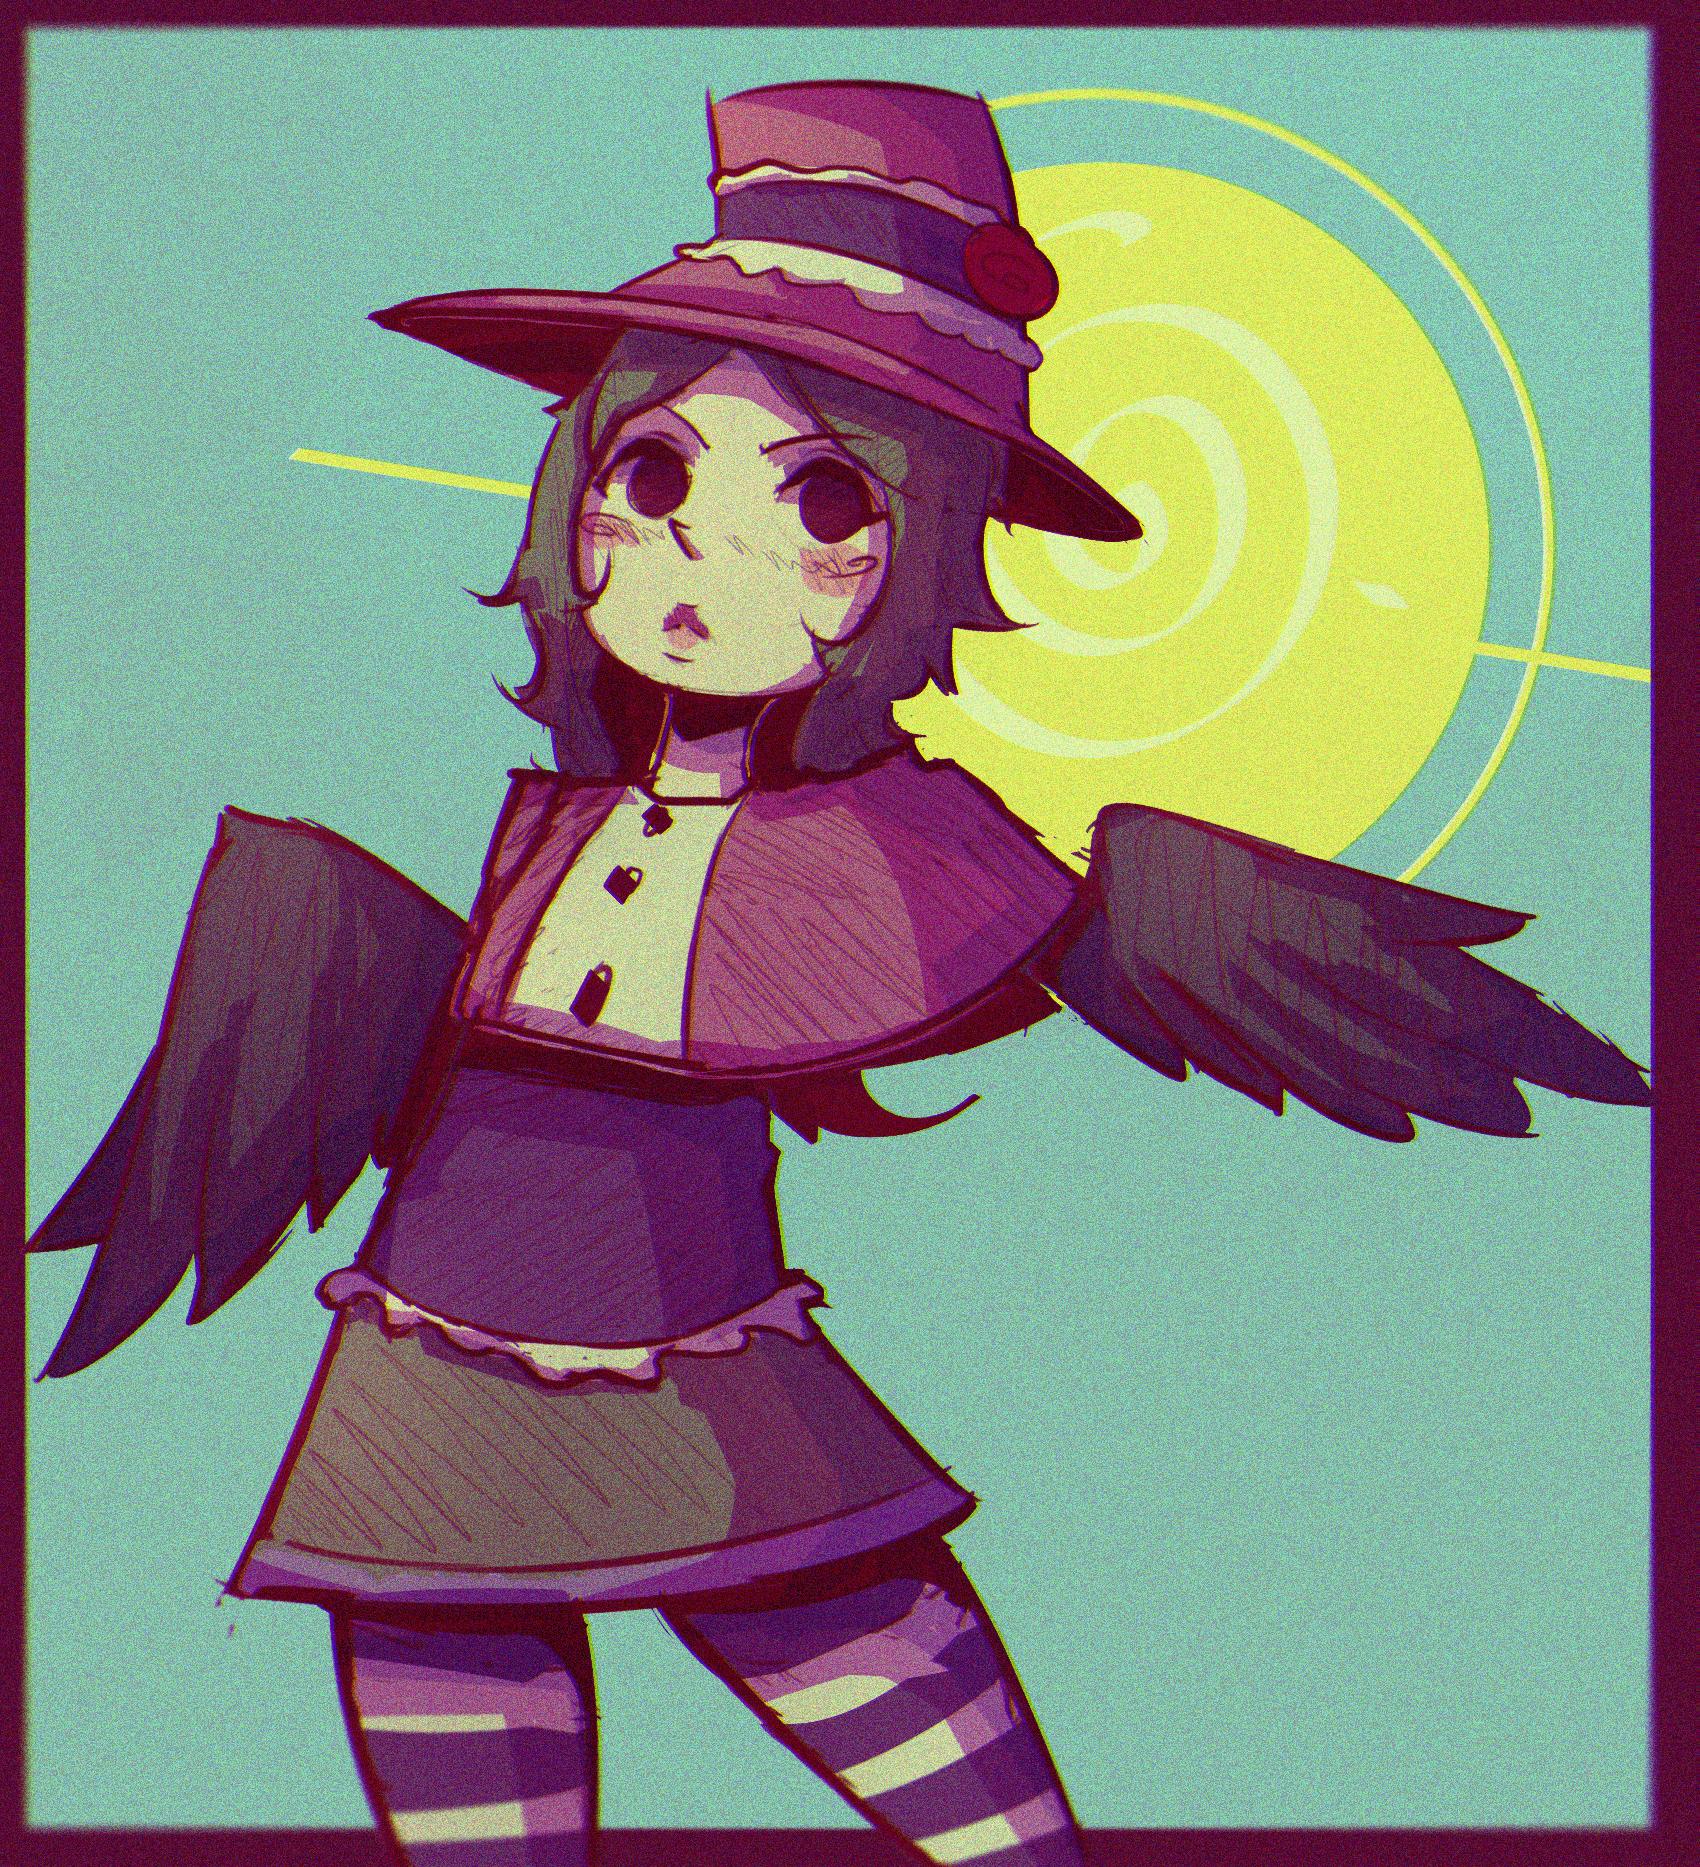 foursnail's birdgirl